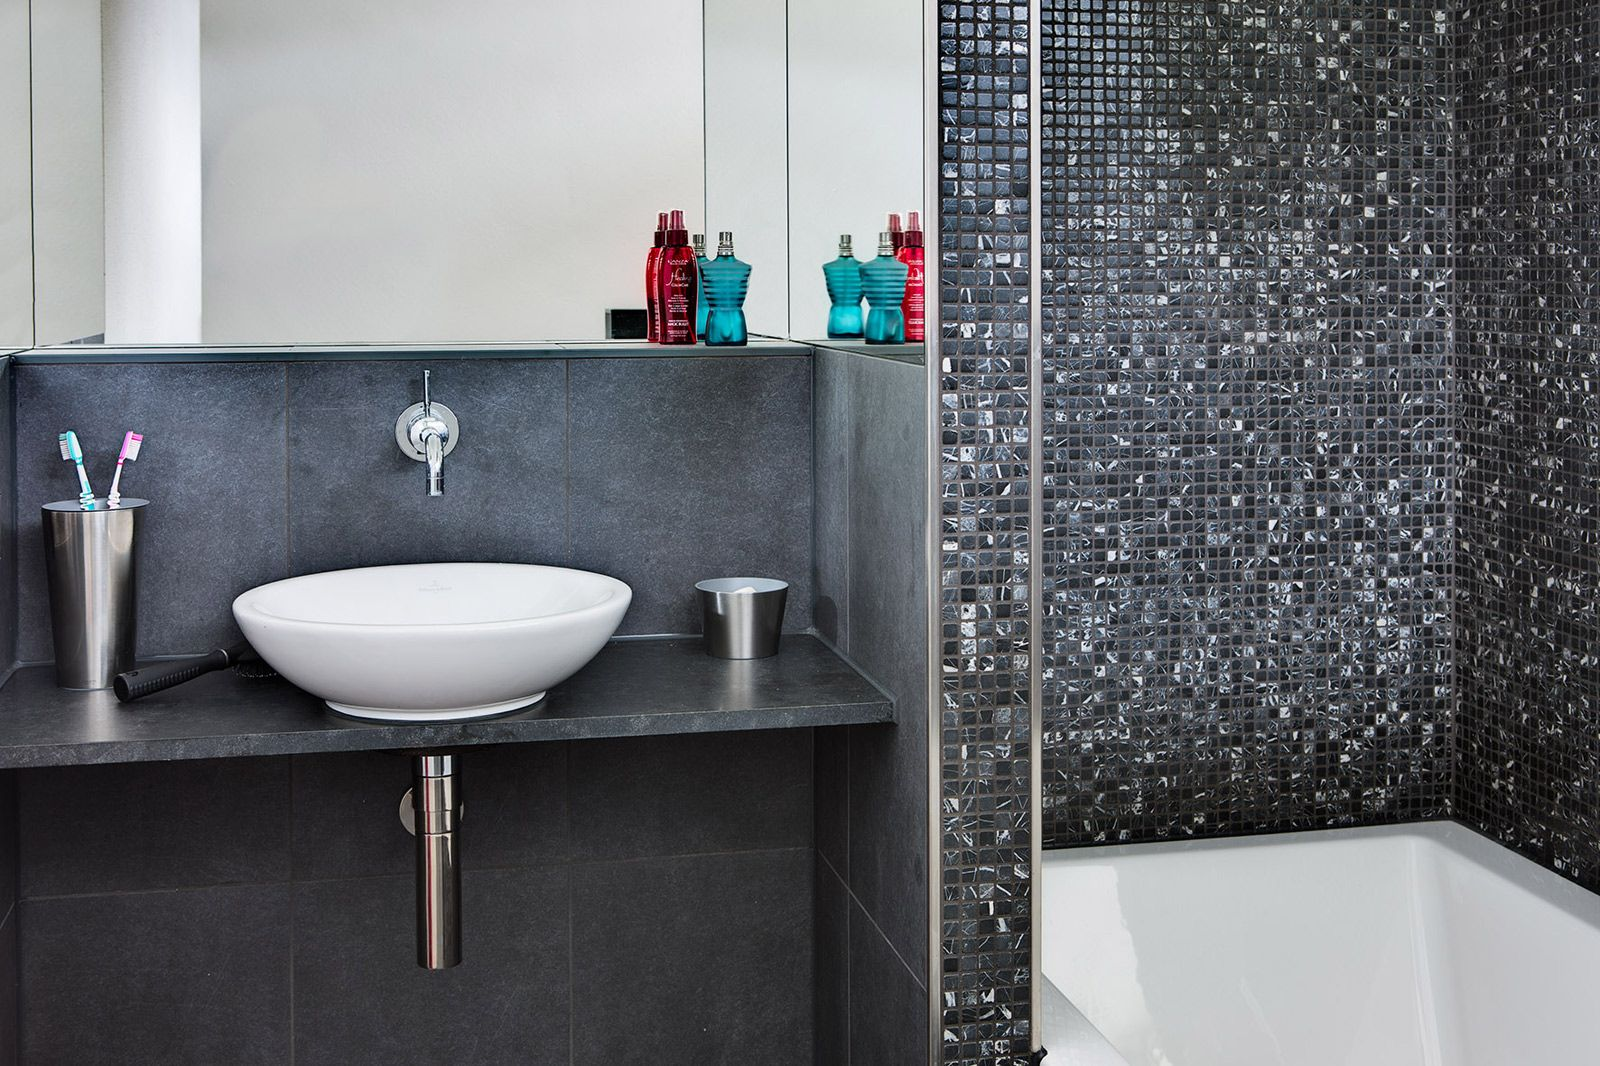 Trendy badkamer met kranen van jado en hansgrohe gerealiseerde badkamers pinterest room - Badkamer met mozaiek ...